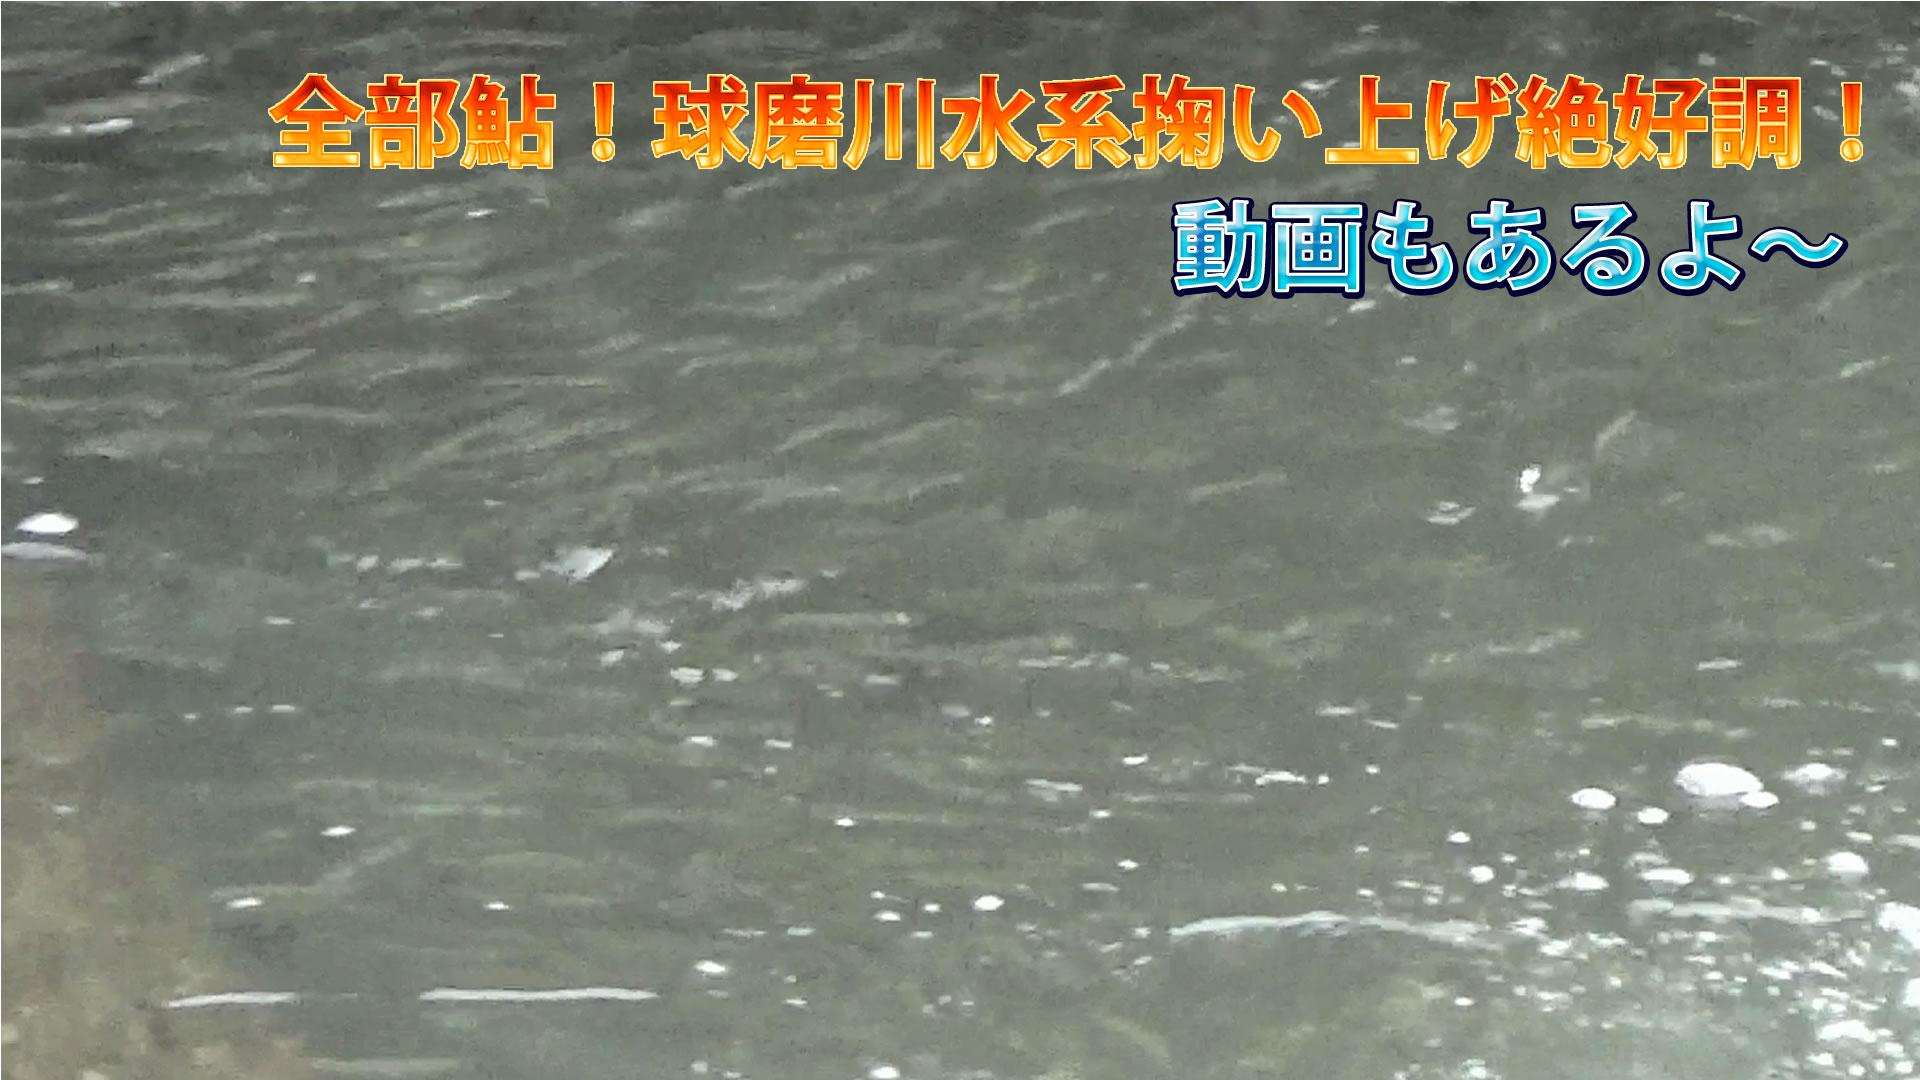 球磨川水系掬い上げ絶好調!